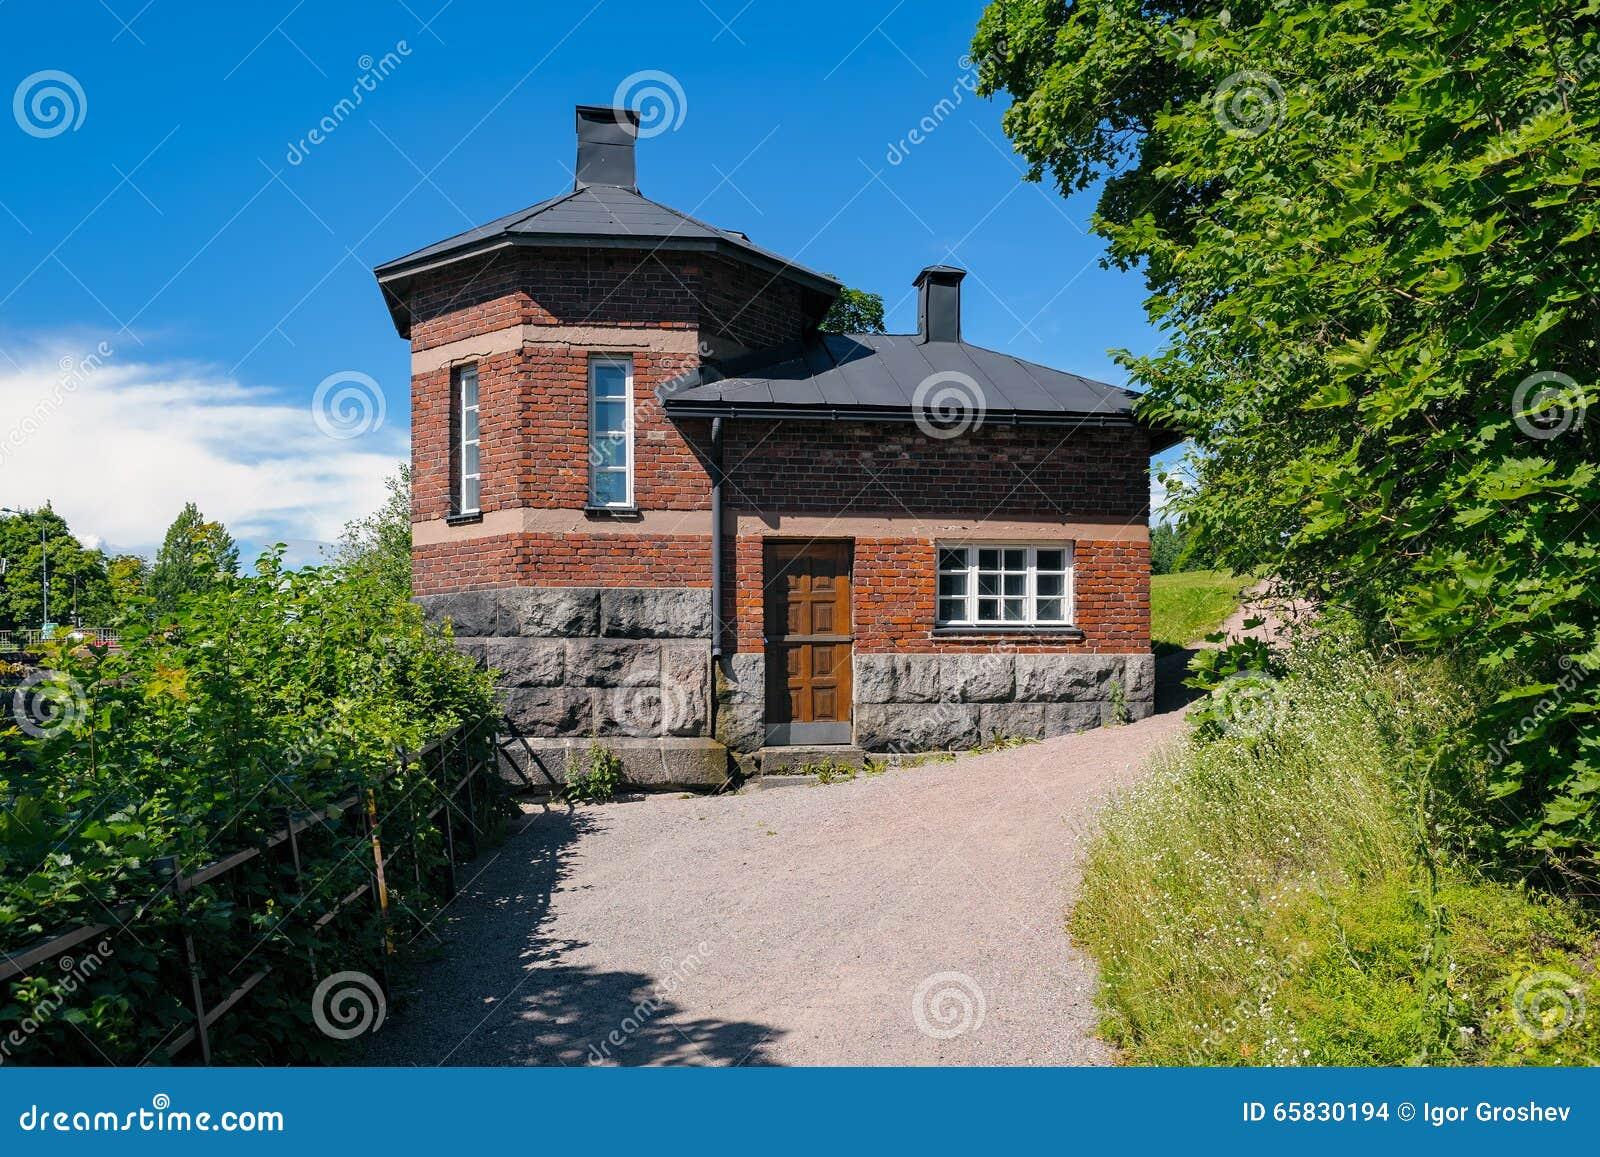 Esterno di vecchia casa con mattoni a vista su un fondamento di ...